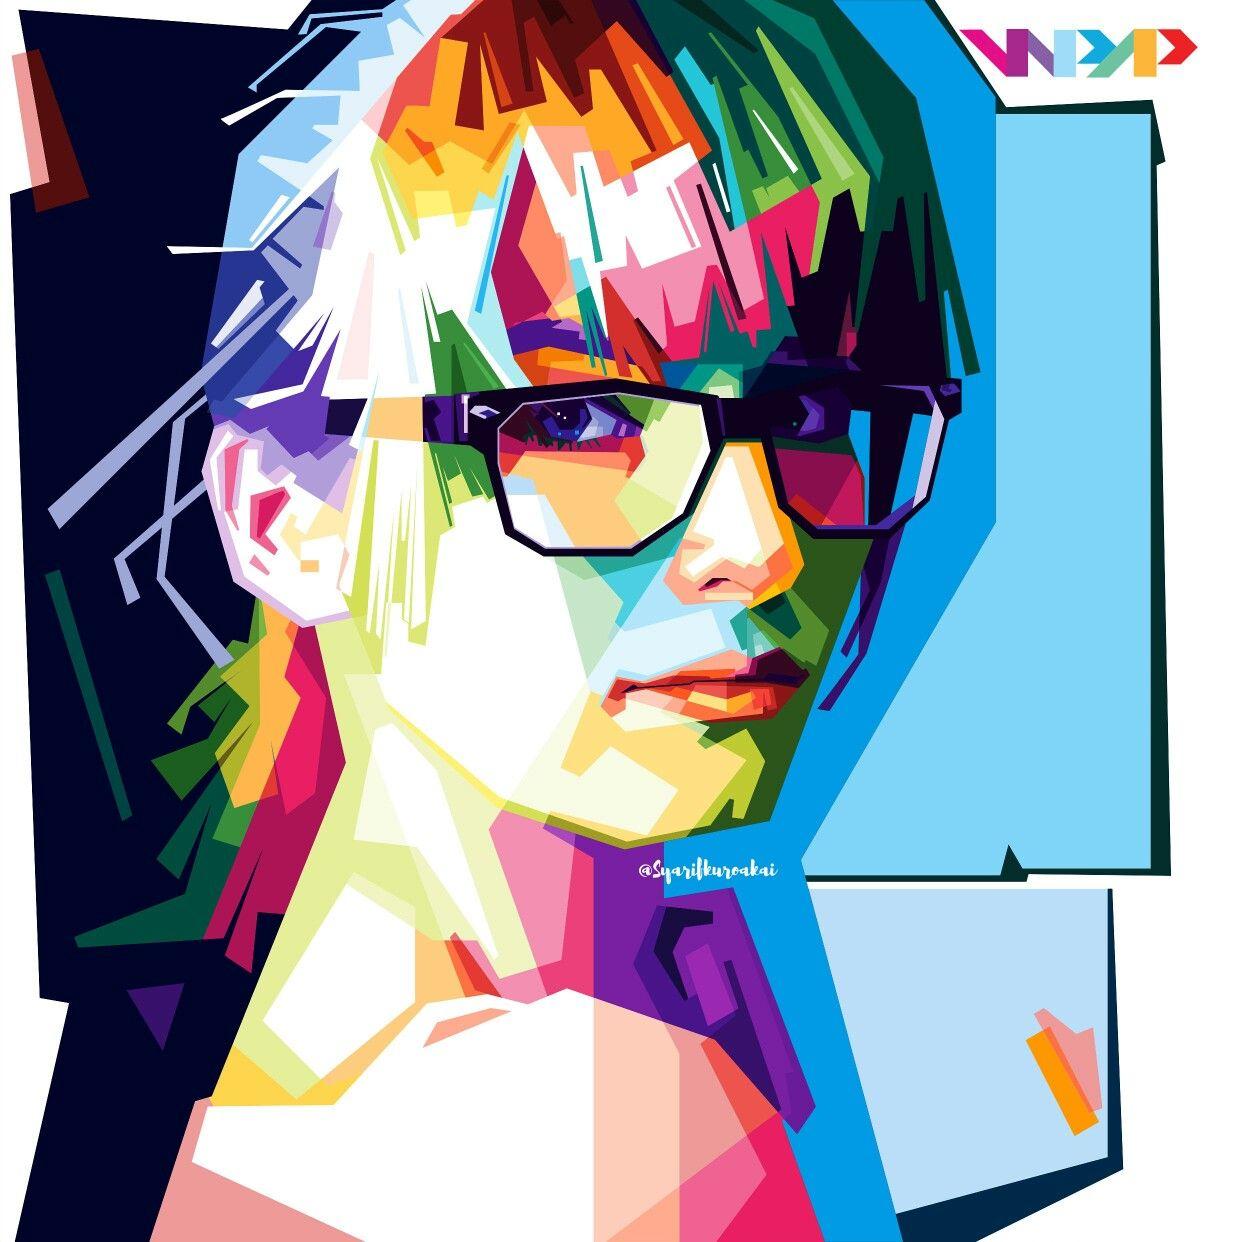 model eyeglasses women in wpap by.syarifkuroakai | pop art